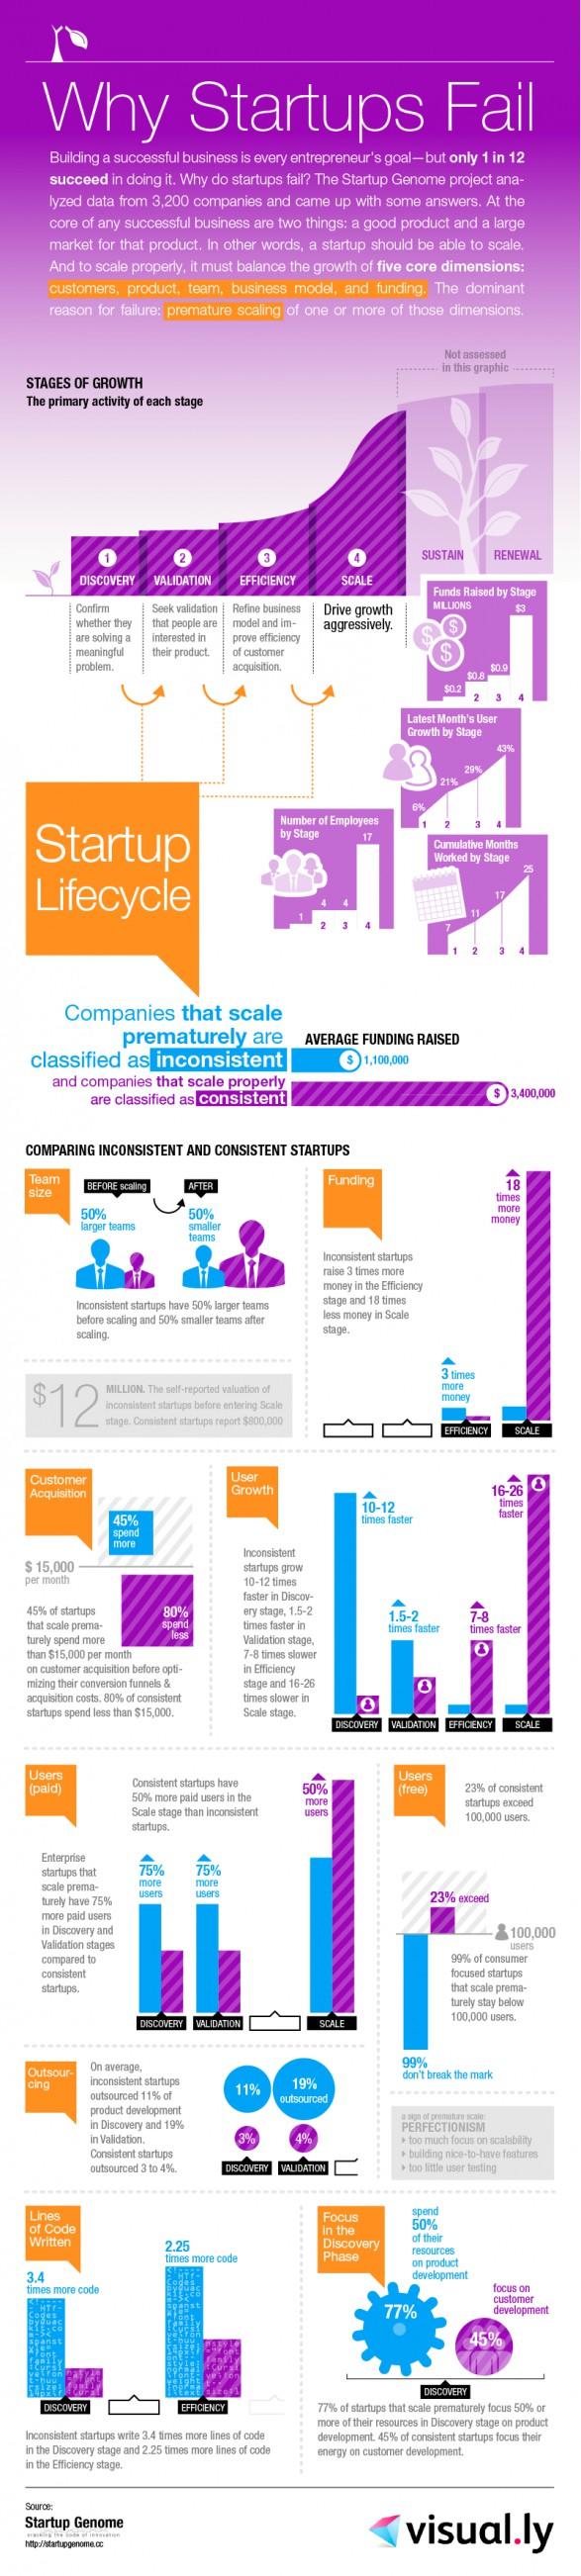 Por qué los Startups Fallan [Infographic]